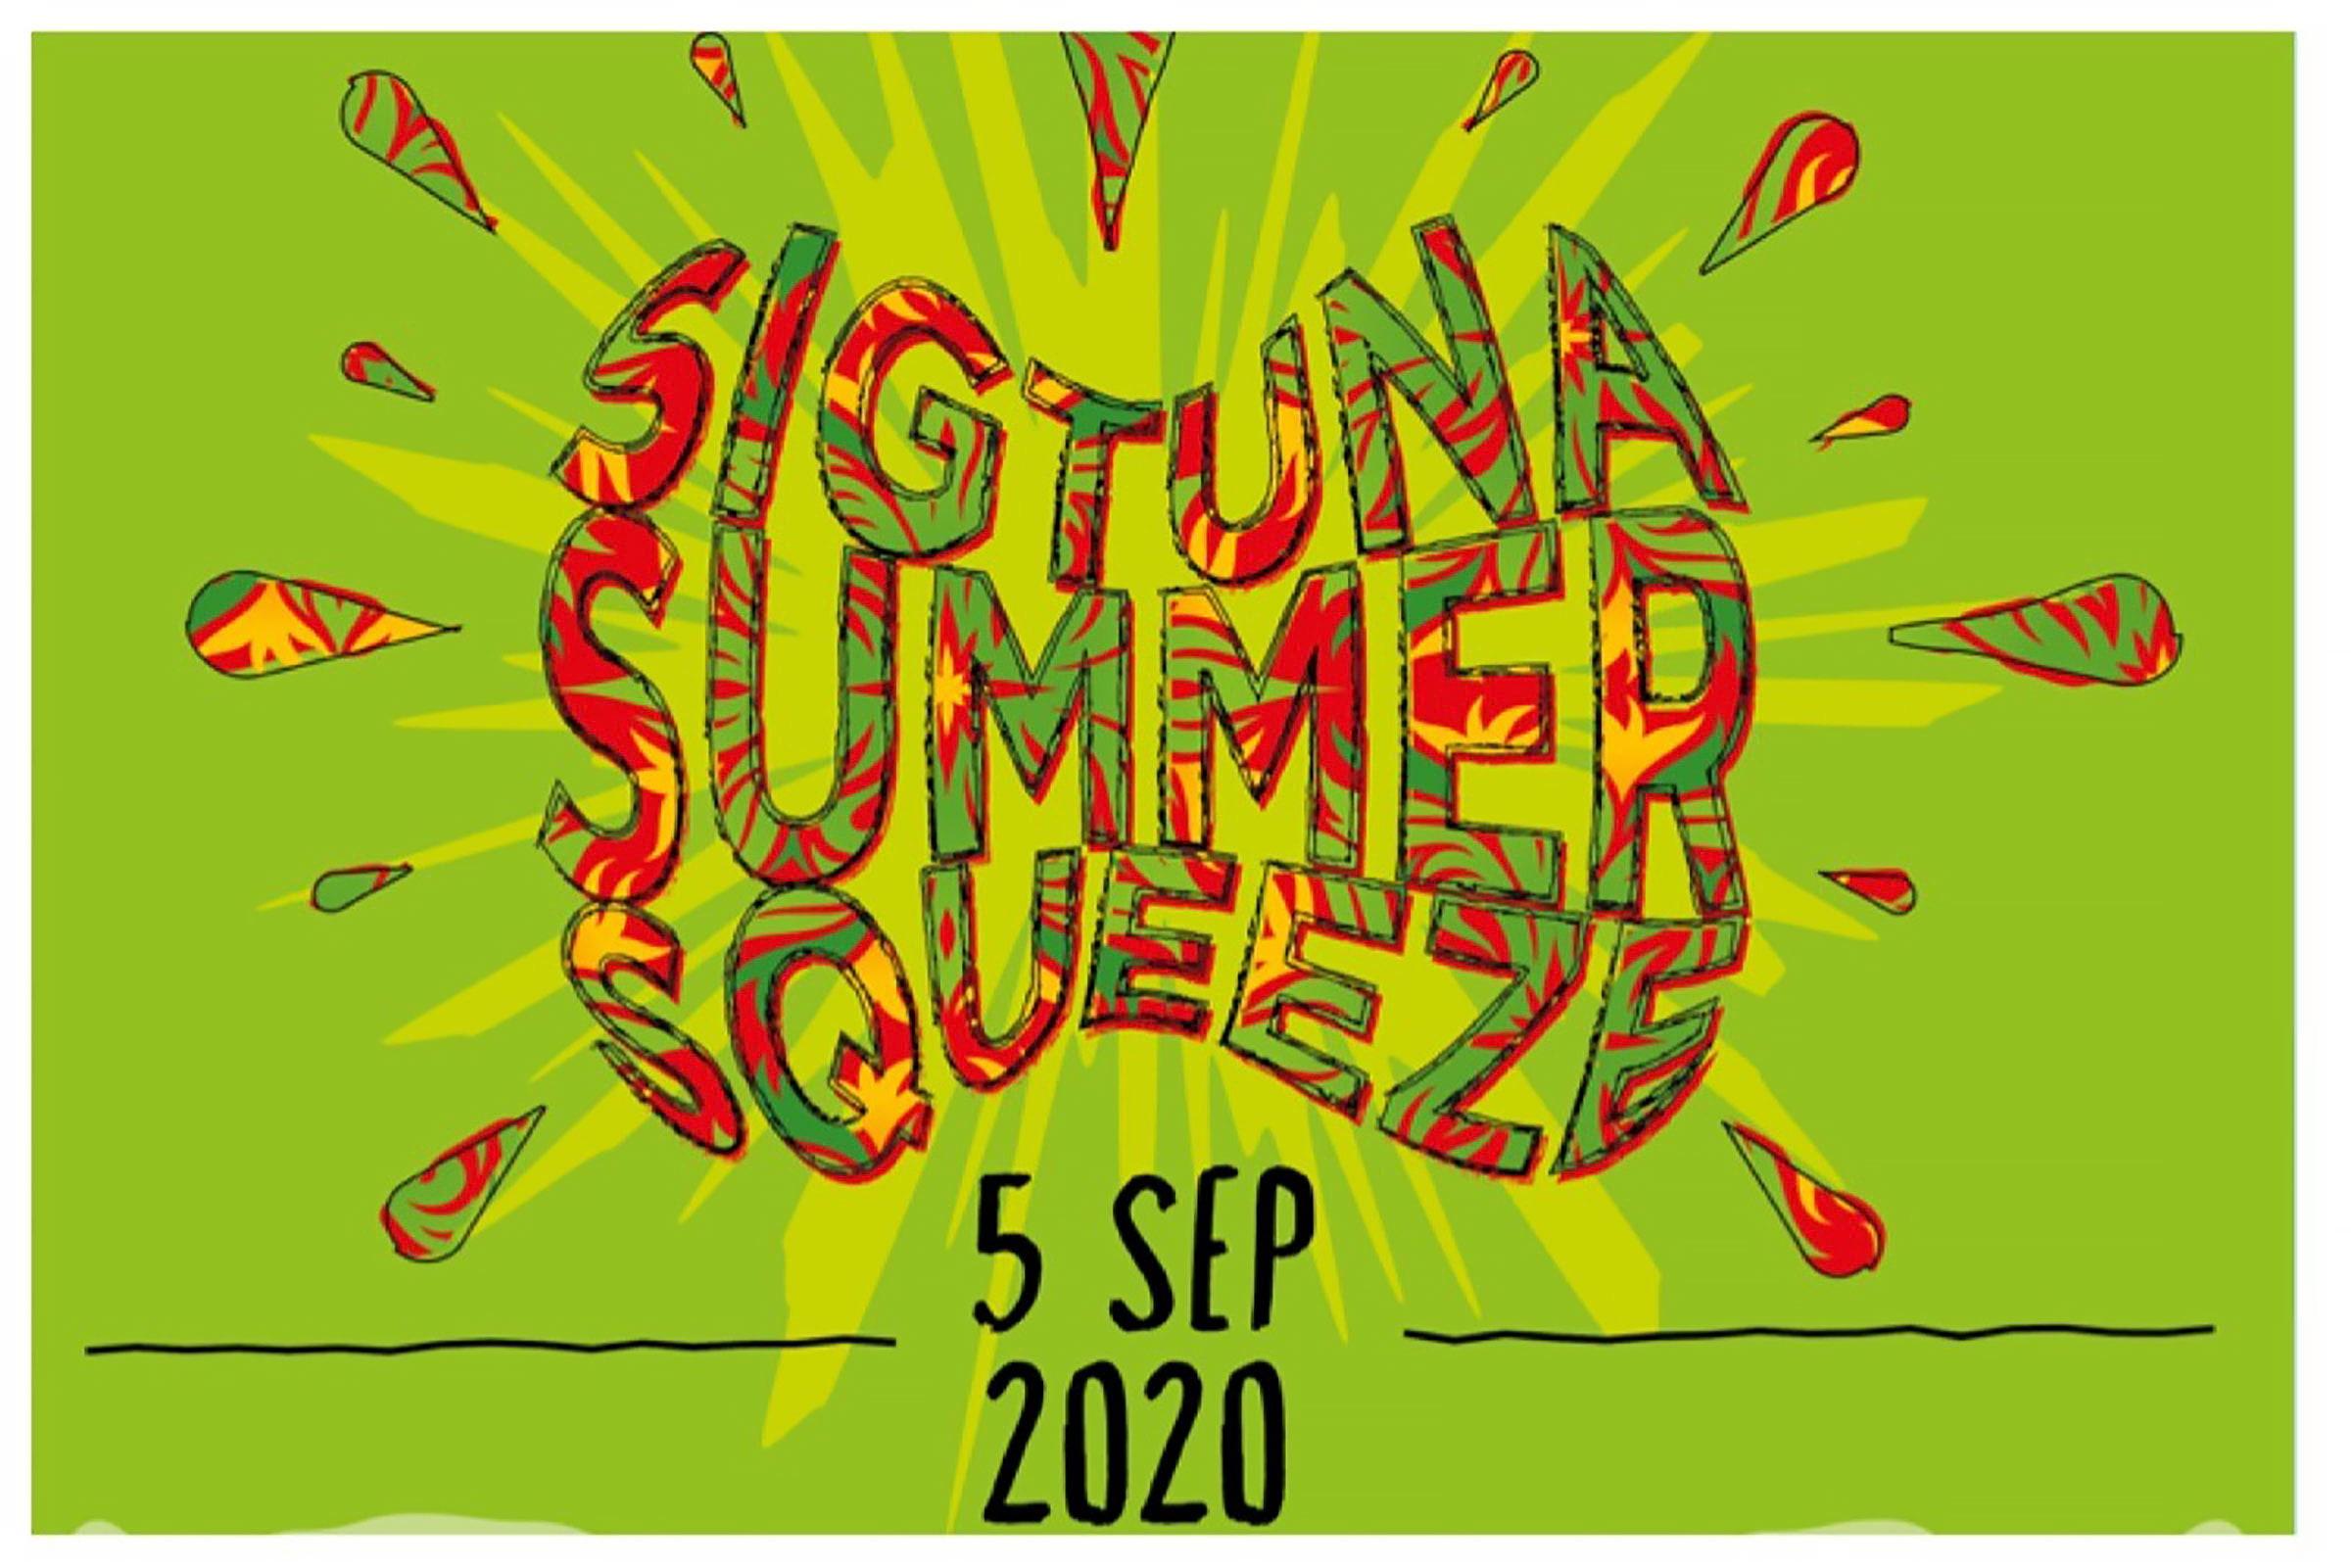 Premiär för ny musikfestival i Sigtuna